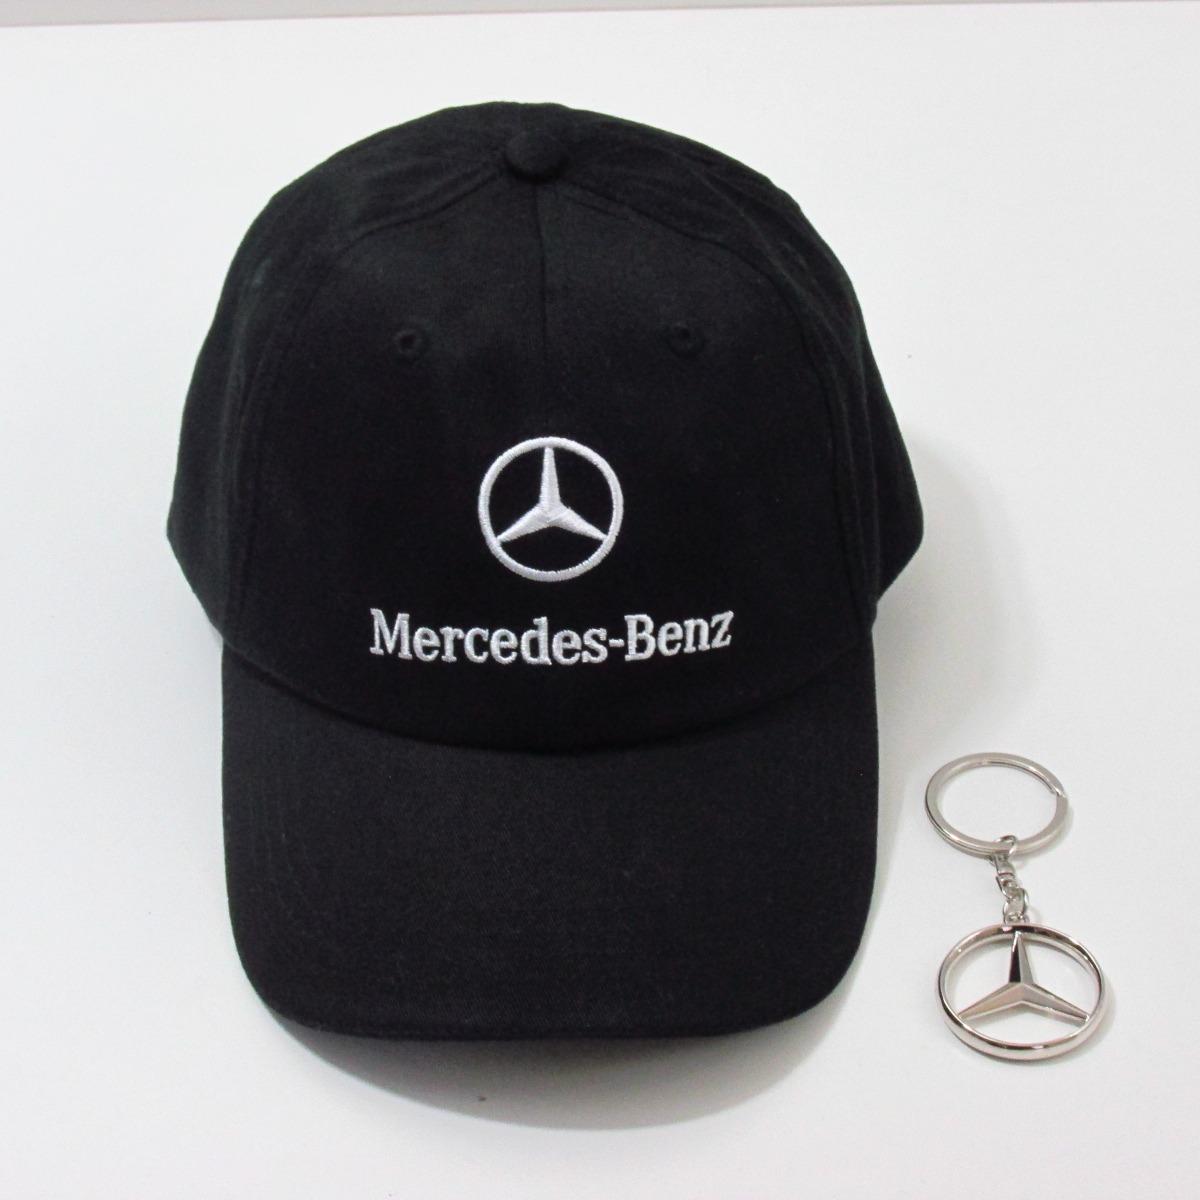 9e7e14dcf6cf8 Boné Mercedes Benz 100% Original Bordado - R  169